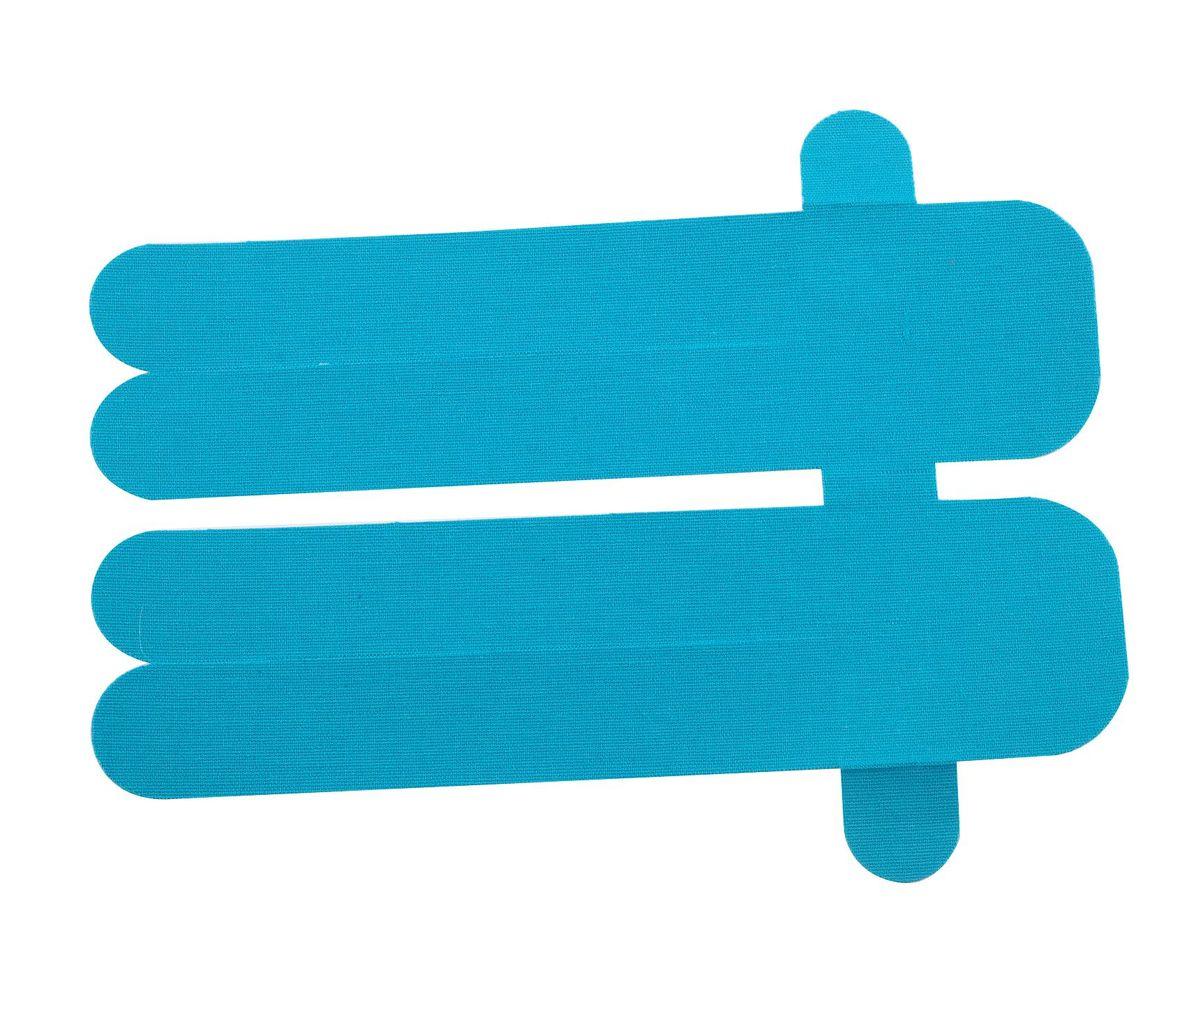 Лента кинезиологическая для спины и талии Lite Weights, цвет: голубой1213LWКинезиологическая лента Lite Weights предназначена для защиты мышц спины и талии от растяжений во время занятий спортом. Специальная хлопковая лента, не содержащая латекс, с акриловым термоактивным покрытием, аналогичная по эластичности человеческой коже, которая накладывается по методу кинезиологического тейпирования. Тейп обеспечивает адекватную работу мышц, протекание саногенетических процессов, уменьшая болевой эффект, при этом не ограничивая движений, улучшая крово- и лимфоток, обладая гипоаллергенными свойствами и полной воздухо- и влагопроницаемостью, позволяет использовать его на протяжении 5 дней, 24 часа в сутки, даже в воде.Преимущества кинезиологической ленты:позволяет снизить нагрузку на определенные мышцы;обеспечивает плавный процесс восстановления после травм;усиливает кровообращение на участке наклеивания; улучшает снабжение мышц кислородом;уменьшает болевой синдром и отечность;размер ленты: 21 см х 26,5 см;ускоряет заживление ран и рассасывание гематом.